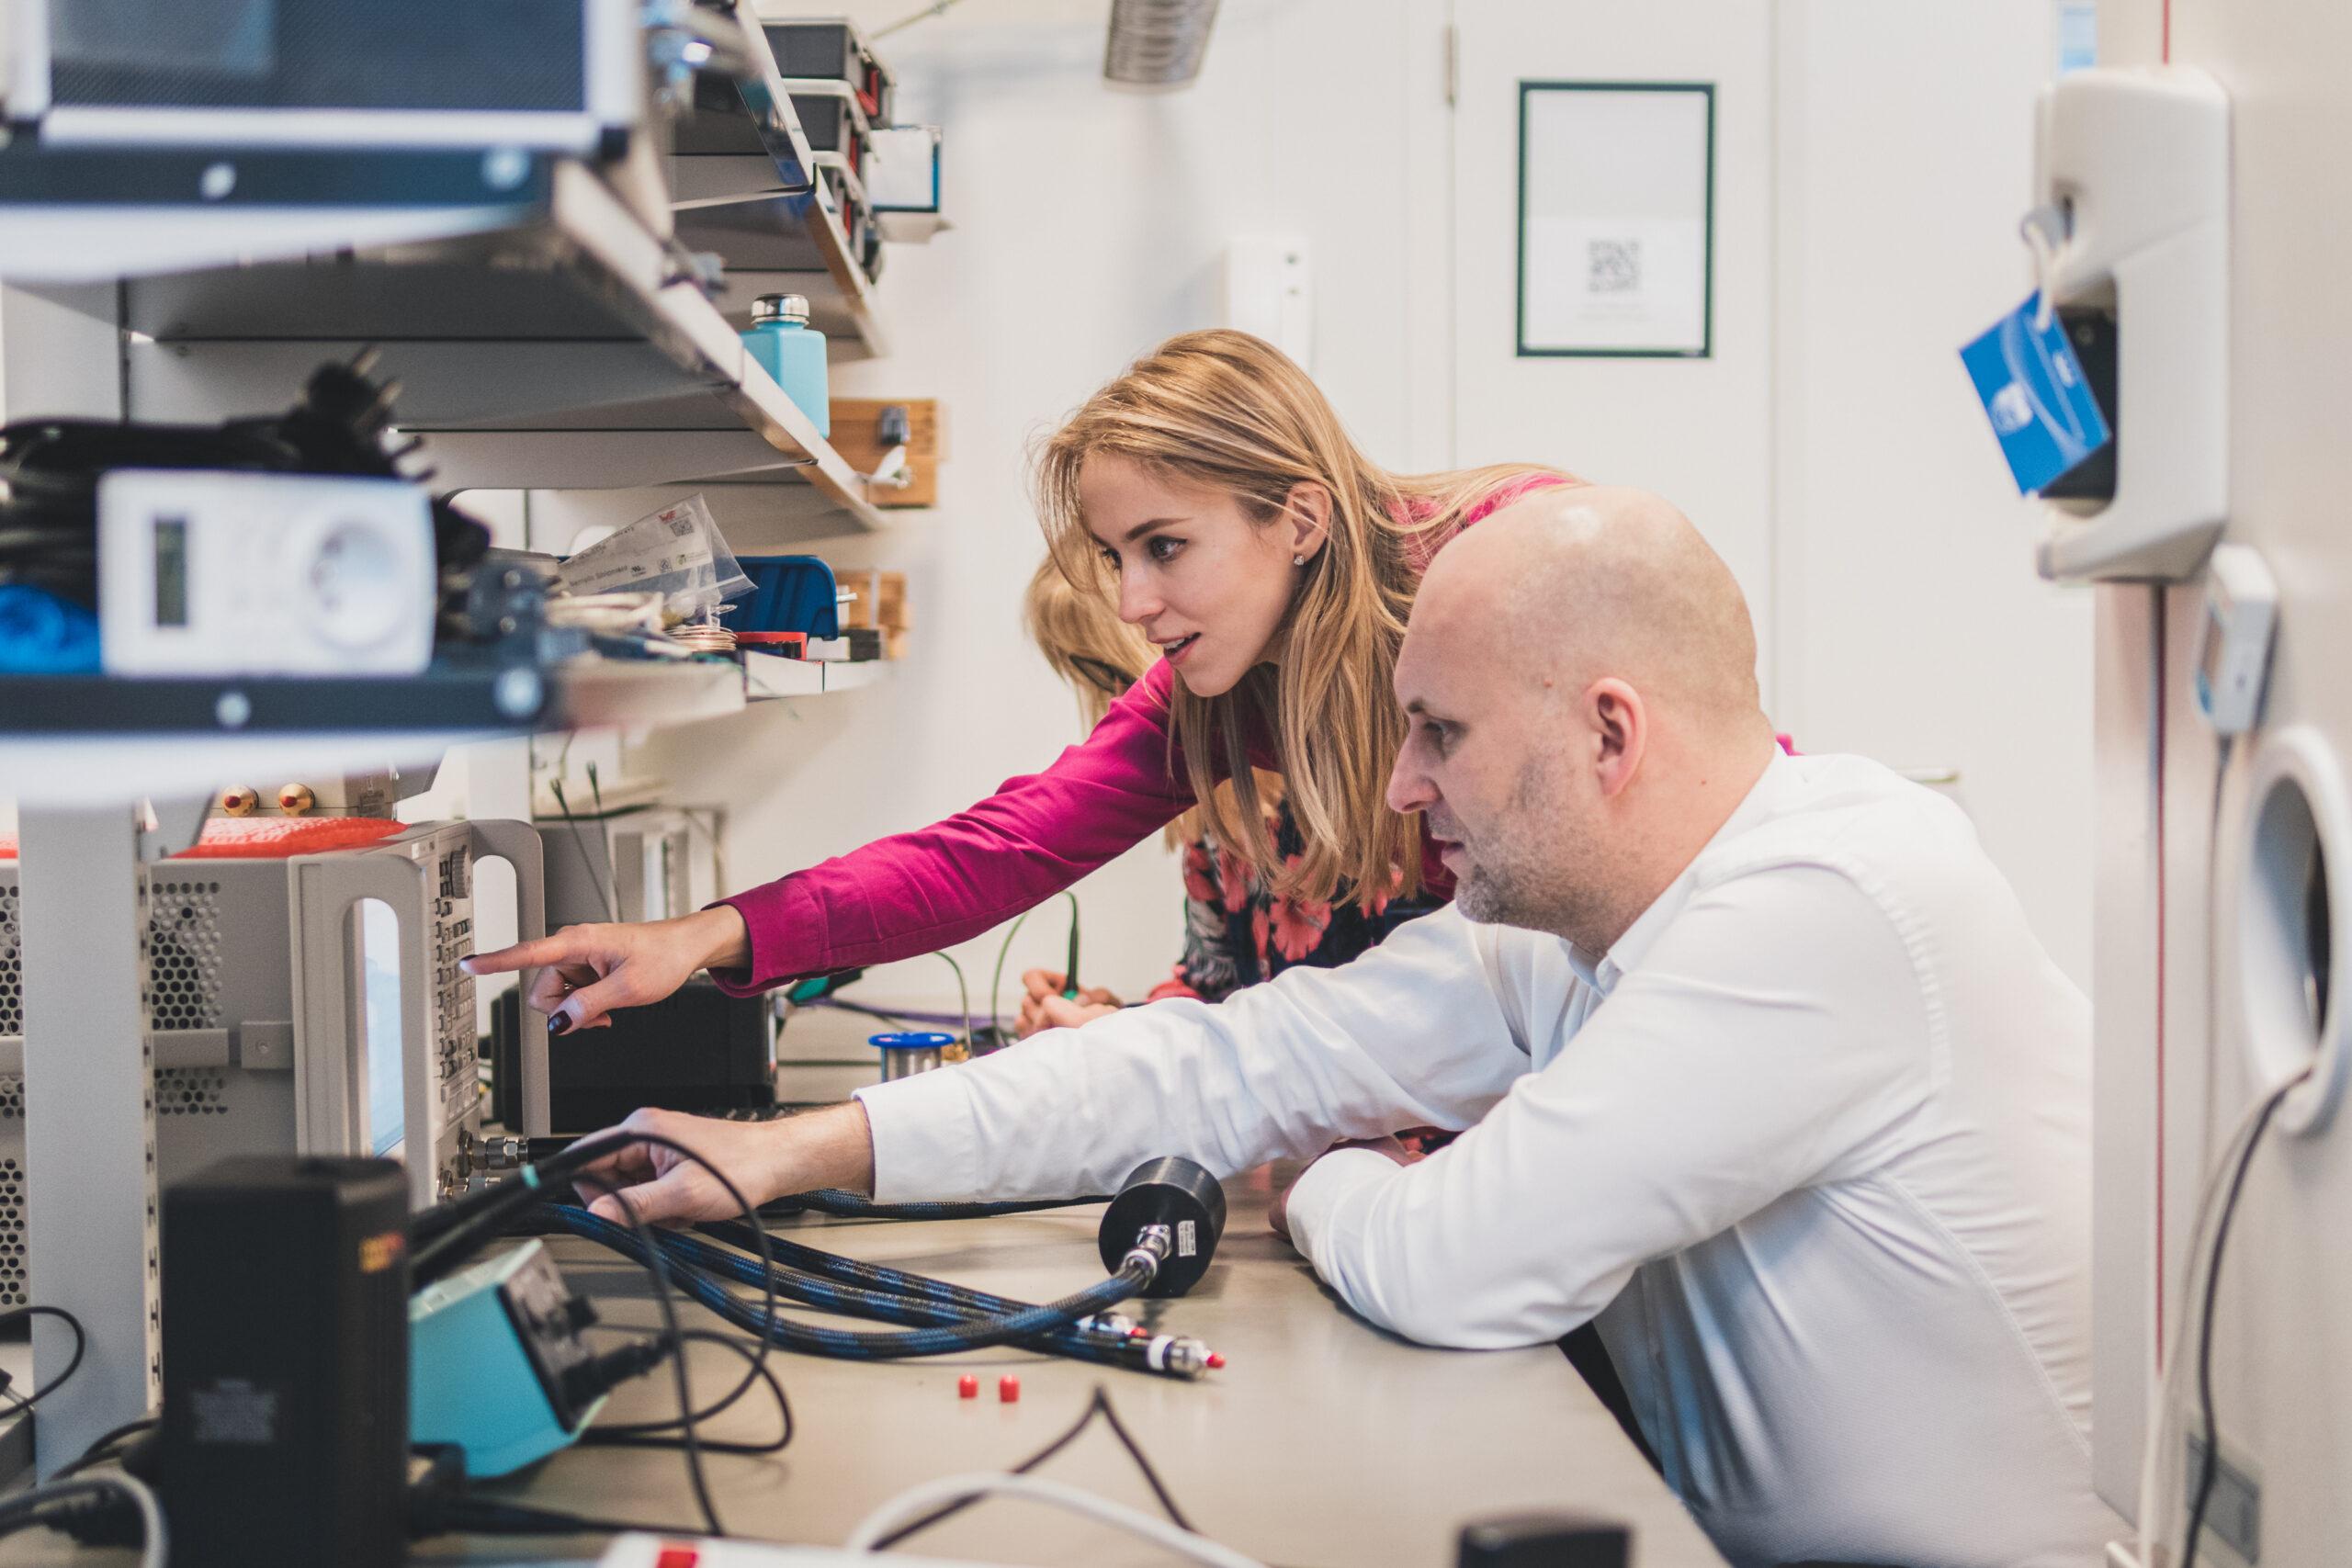 pracownicy innovatree sprawdzający maszynę laboratoryjną